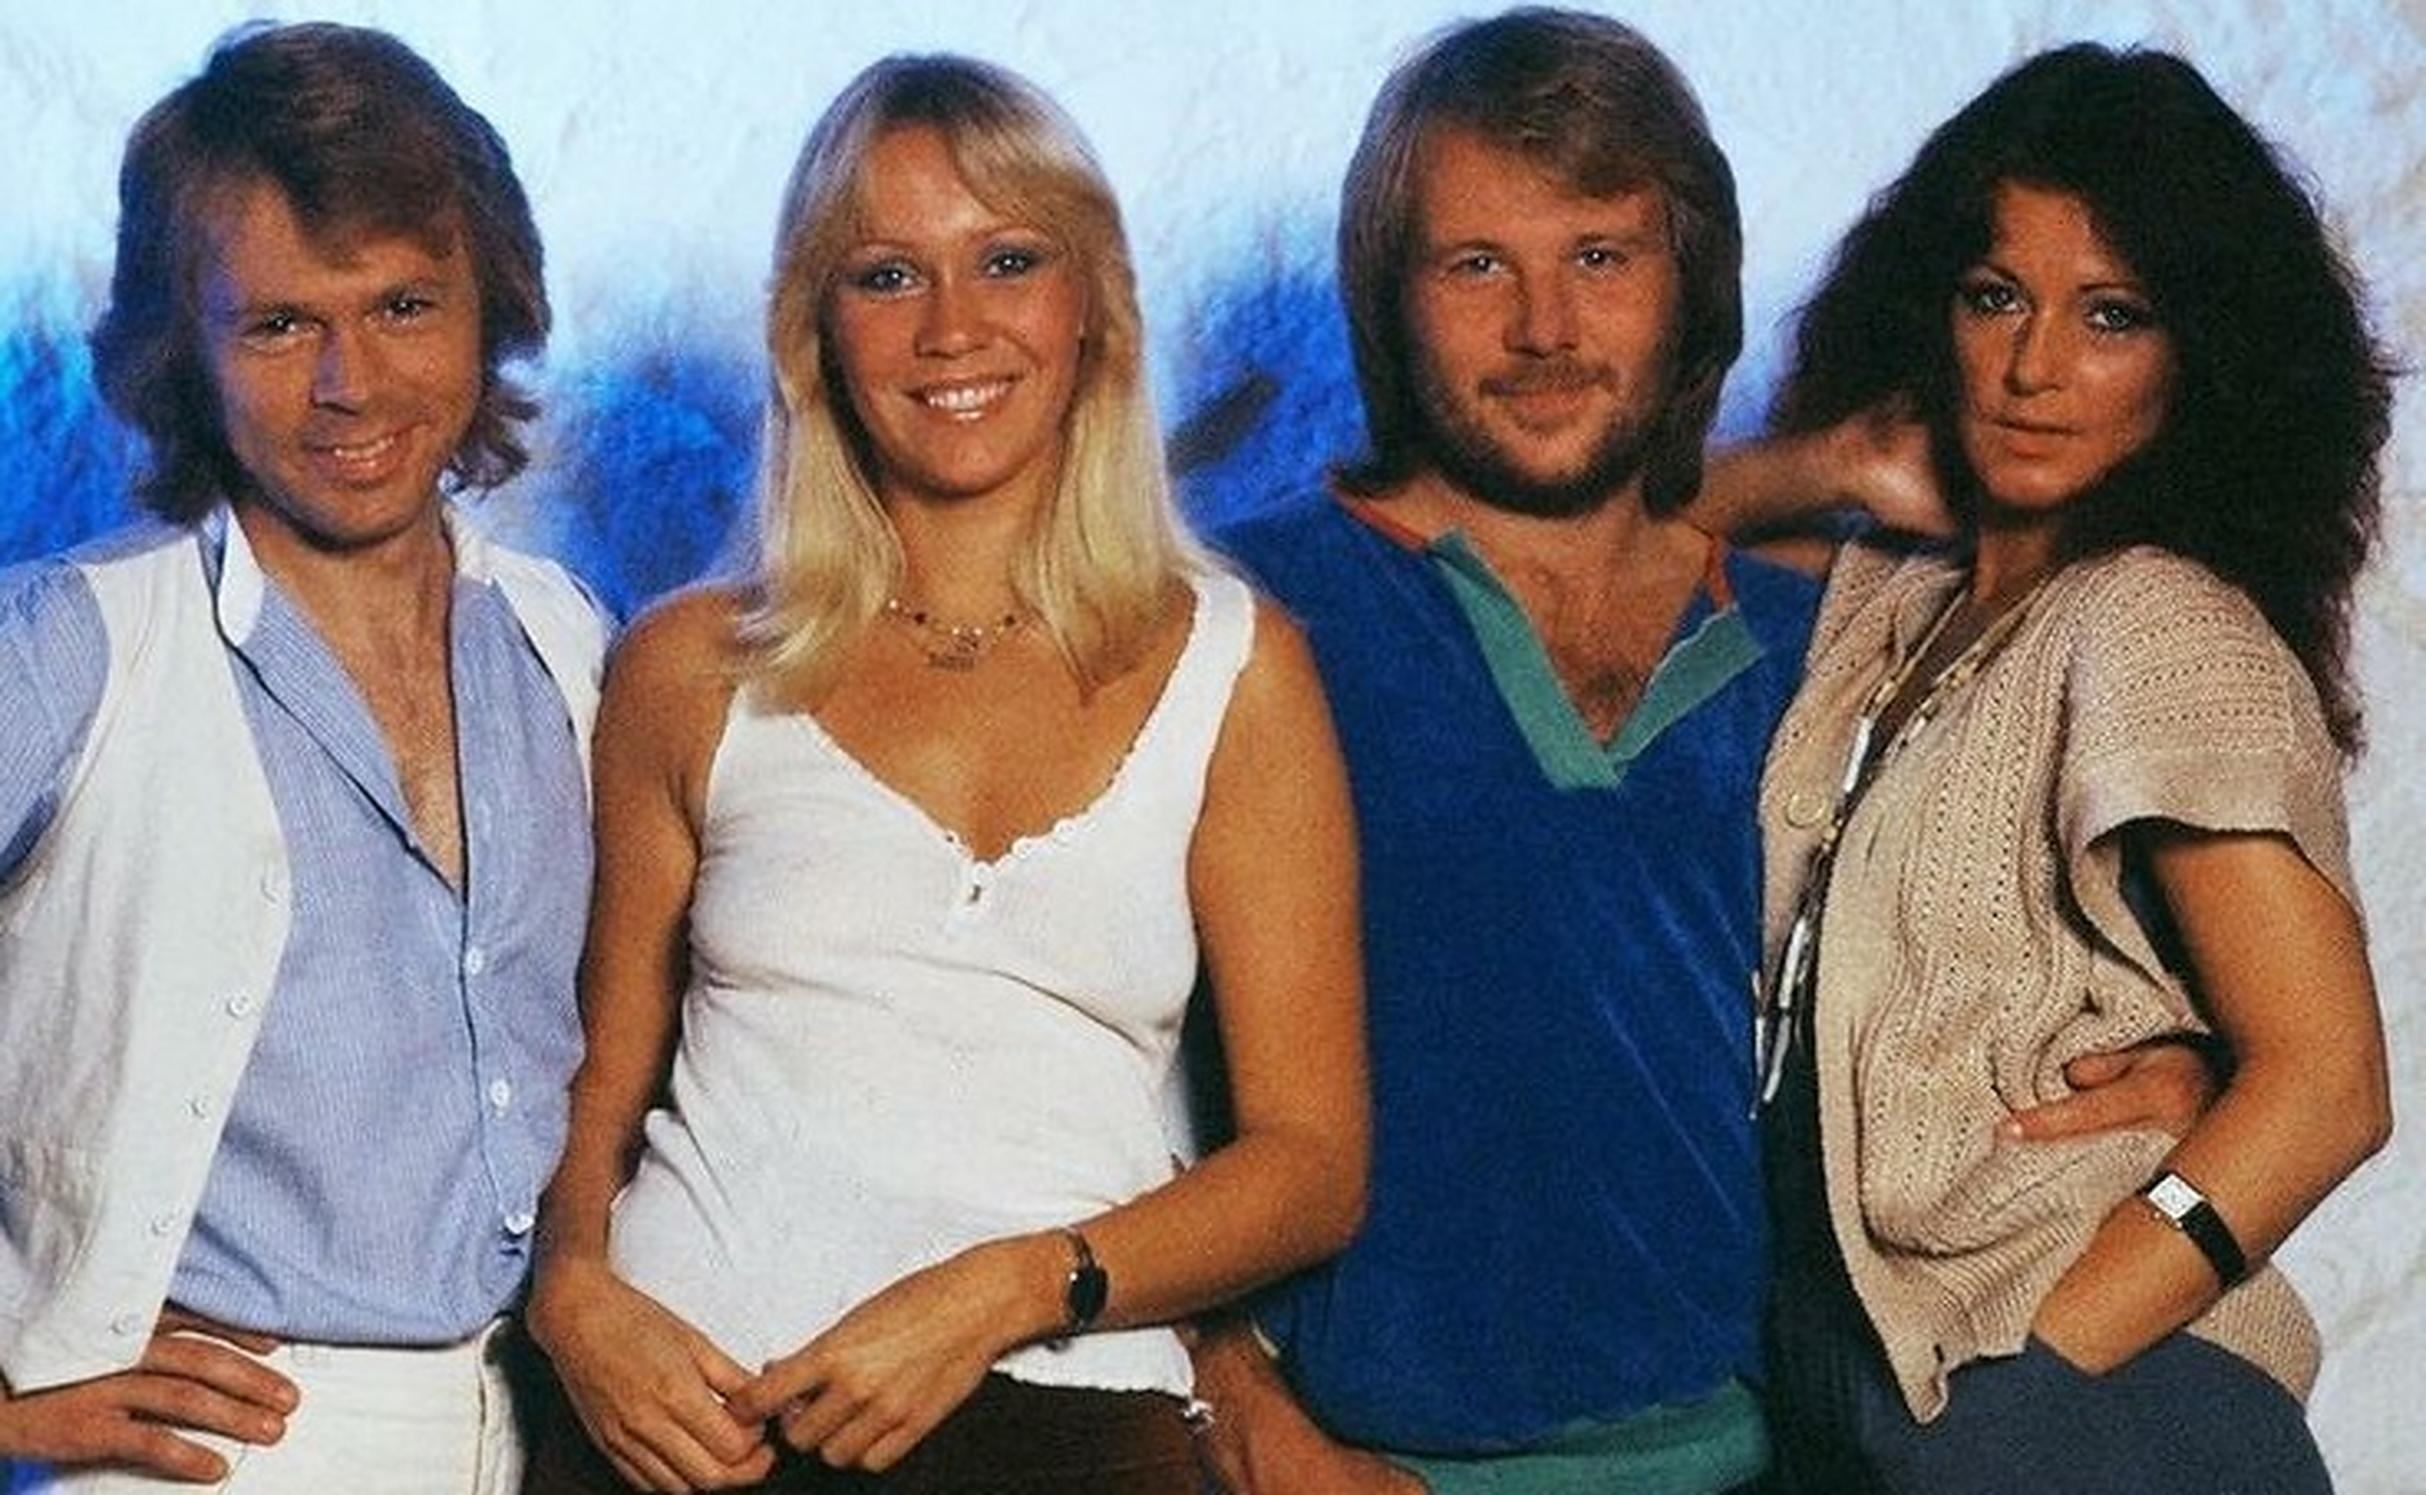 ABBA au intrat în studio și te asigură că vor scoate piese noi în 2021